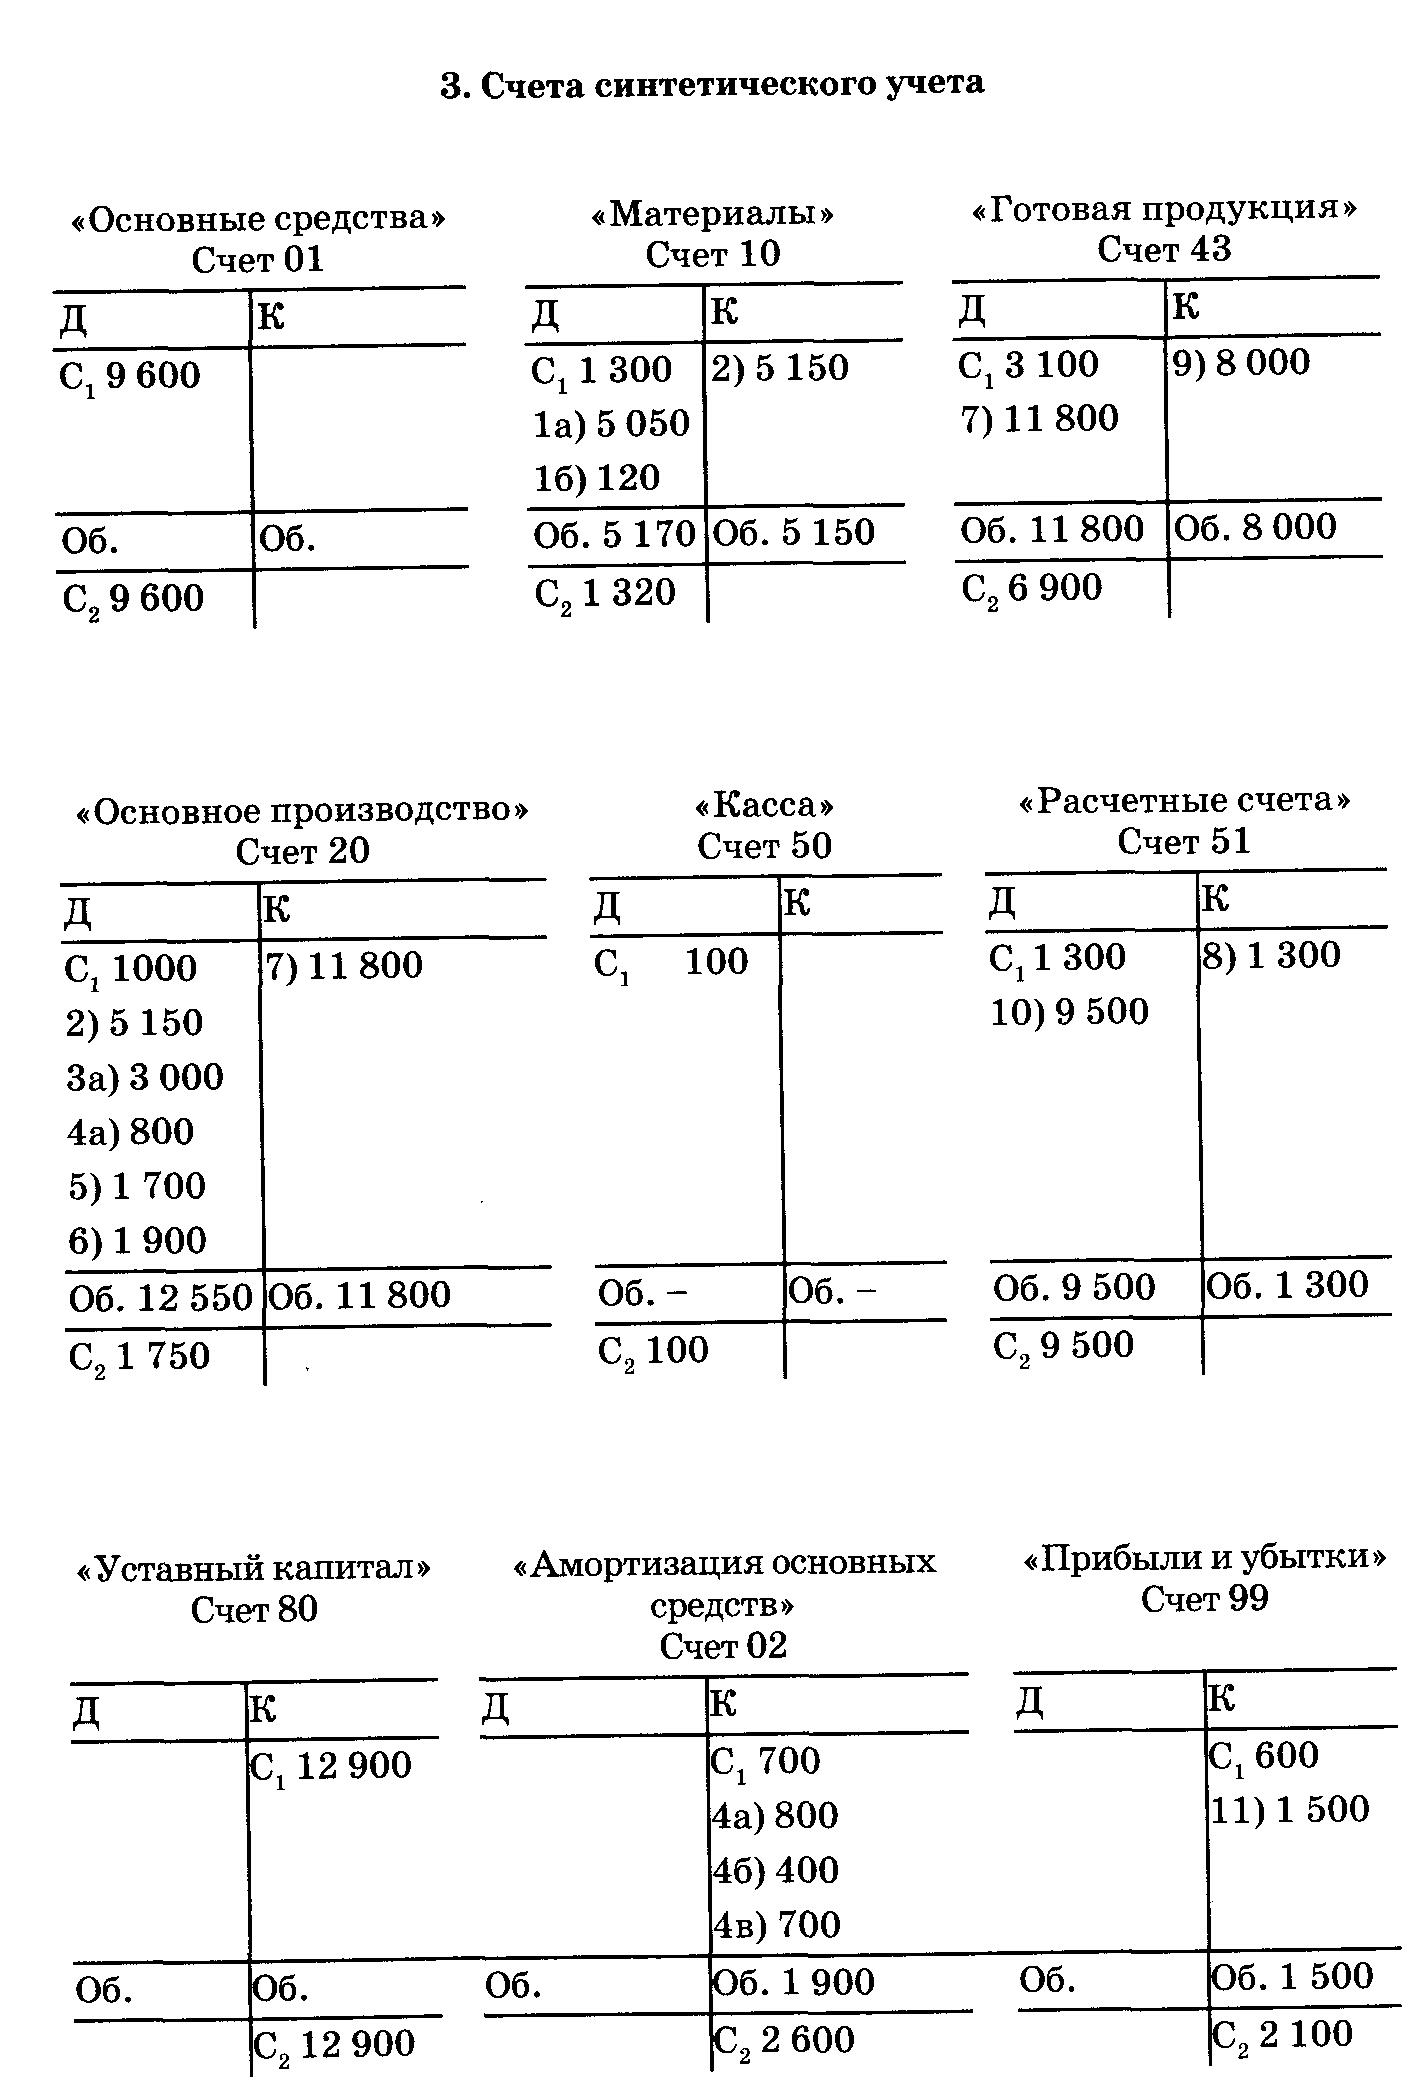 Как сделать синтетический счет